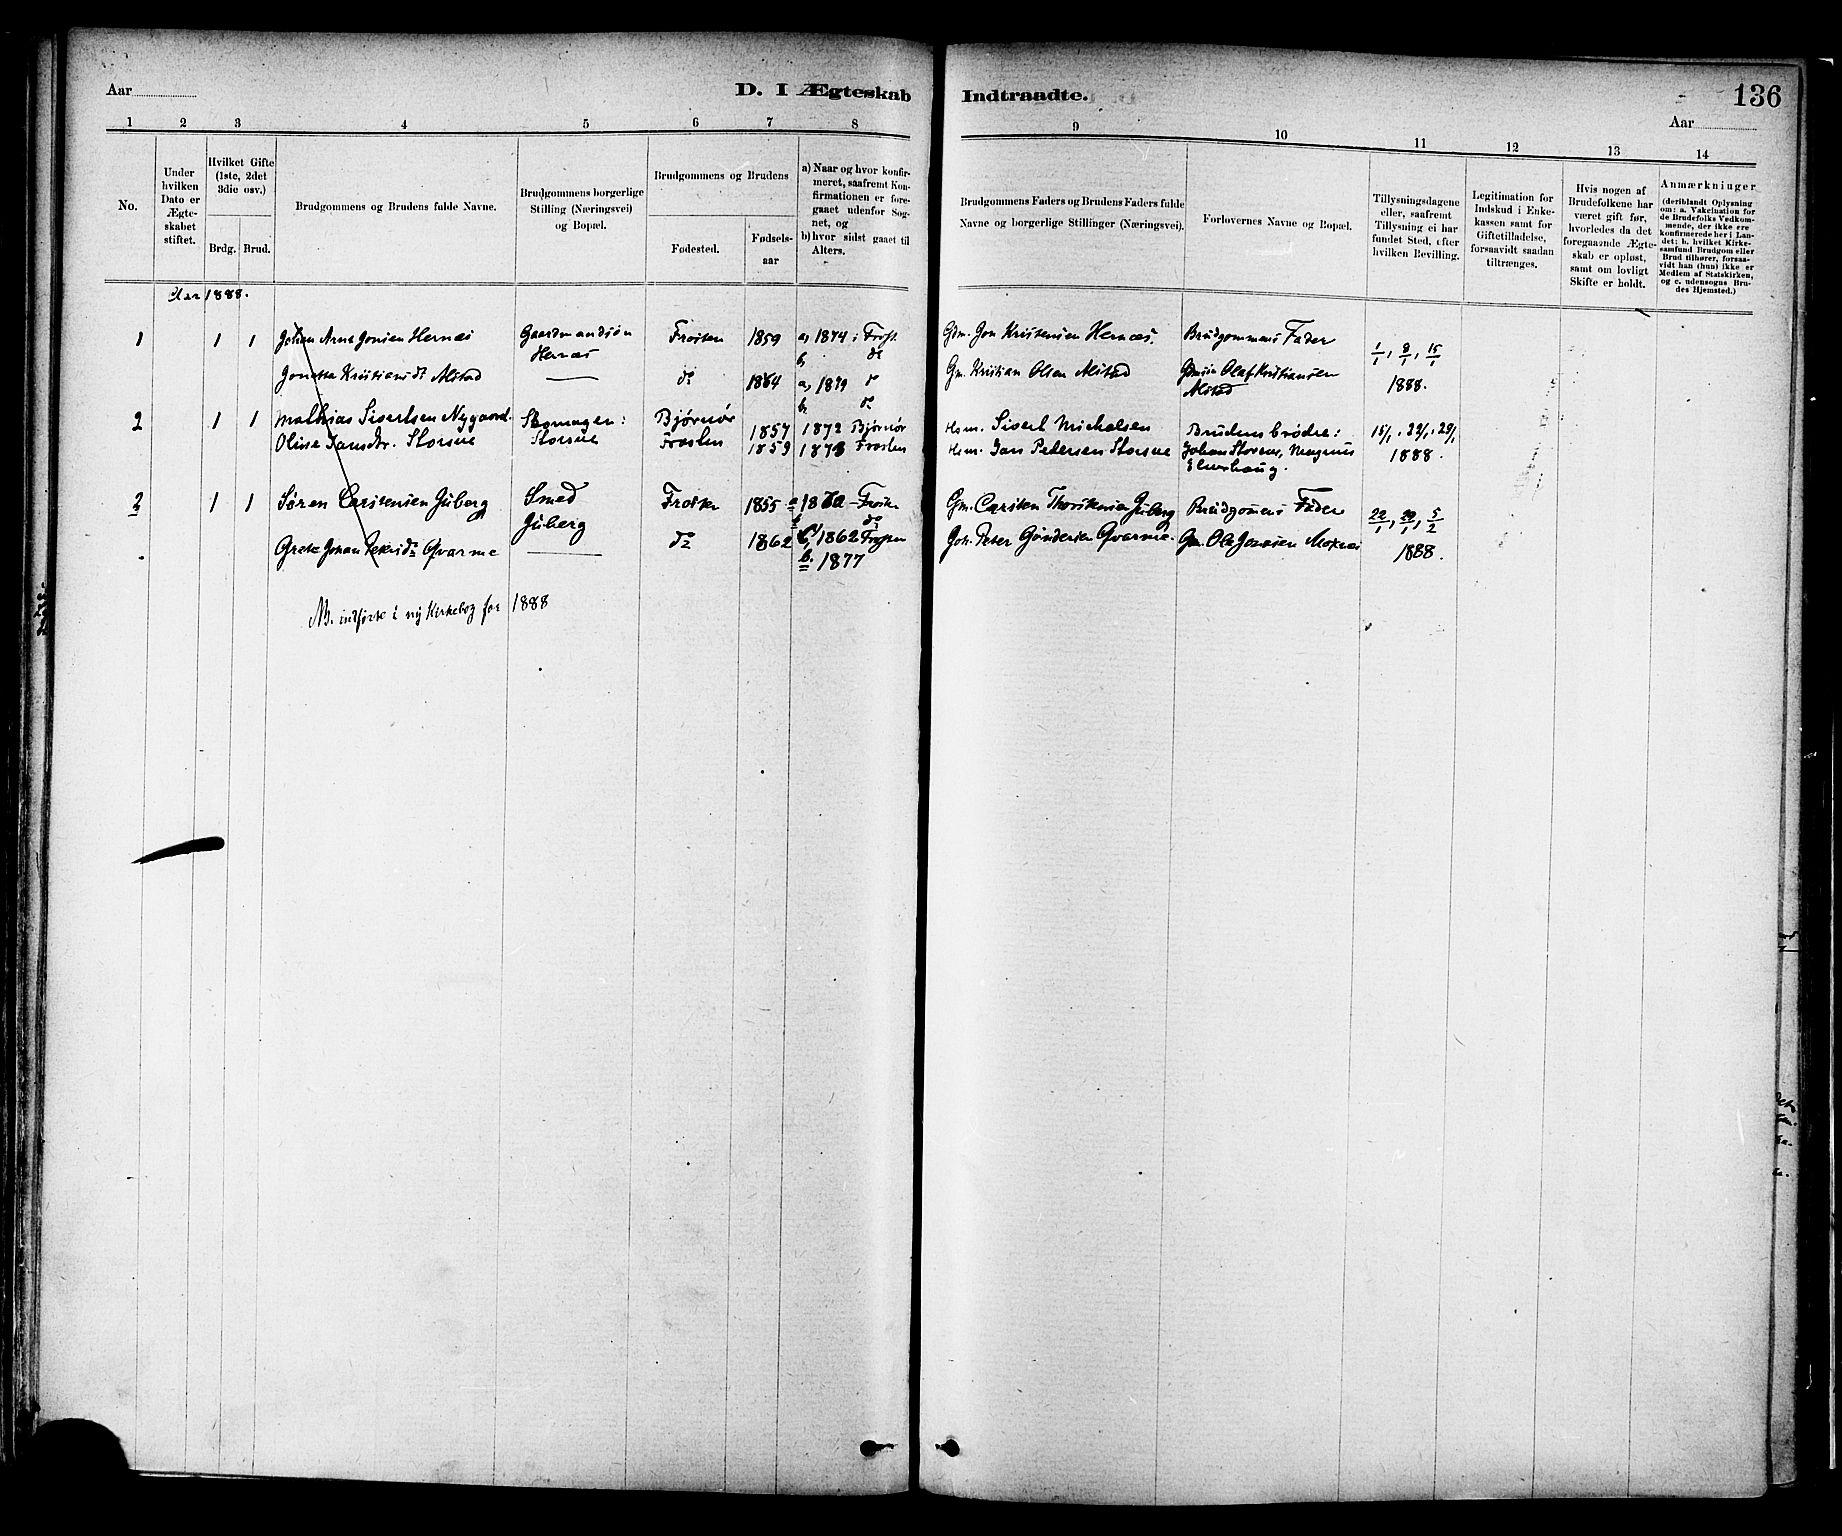 SAT, Ministerialprotokoller, klokkerbøker og fødselsregistre - Nord-Trøndelag, 713/L0120: Ministerialbok nr. 713A09, 1878-1887, s. 136